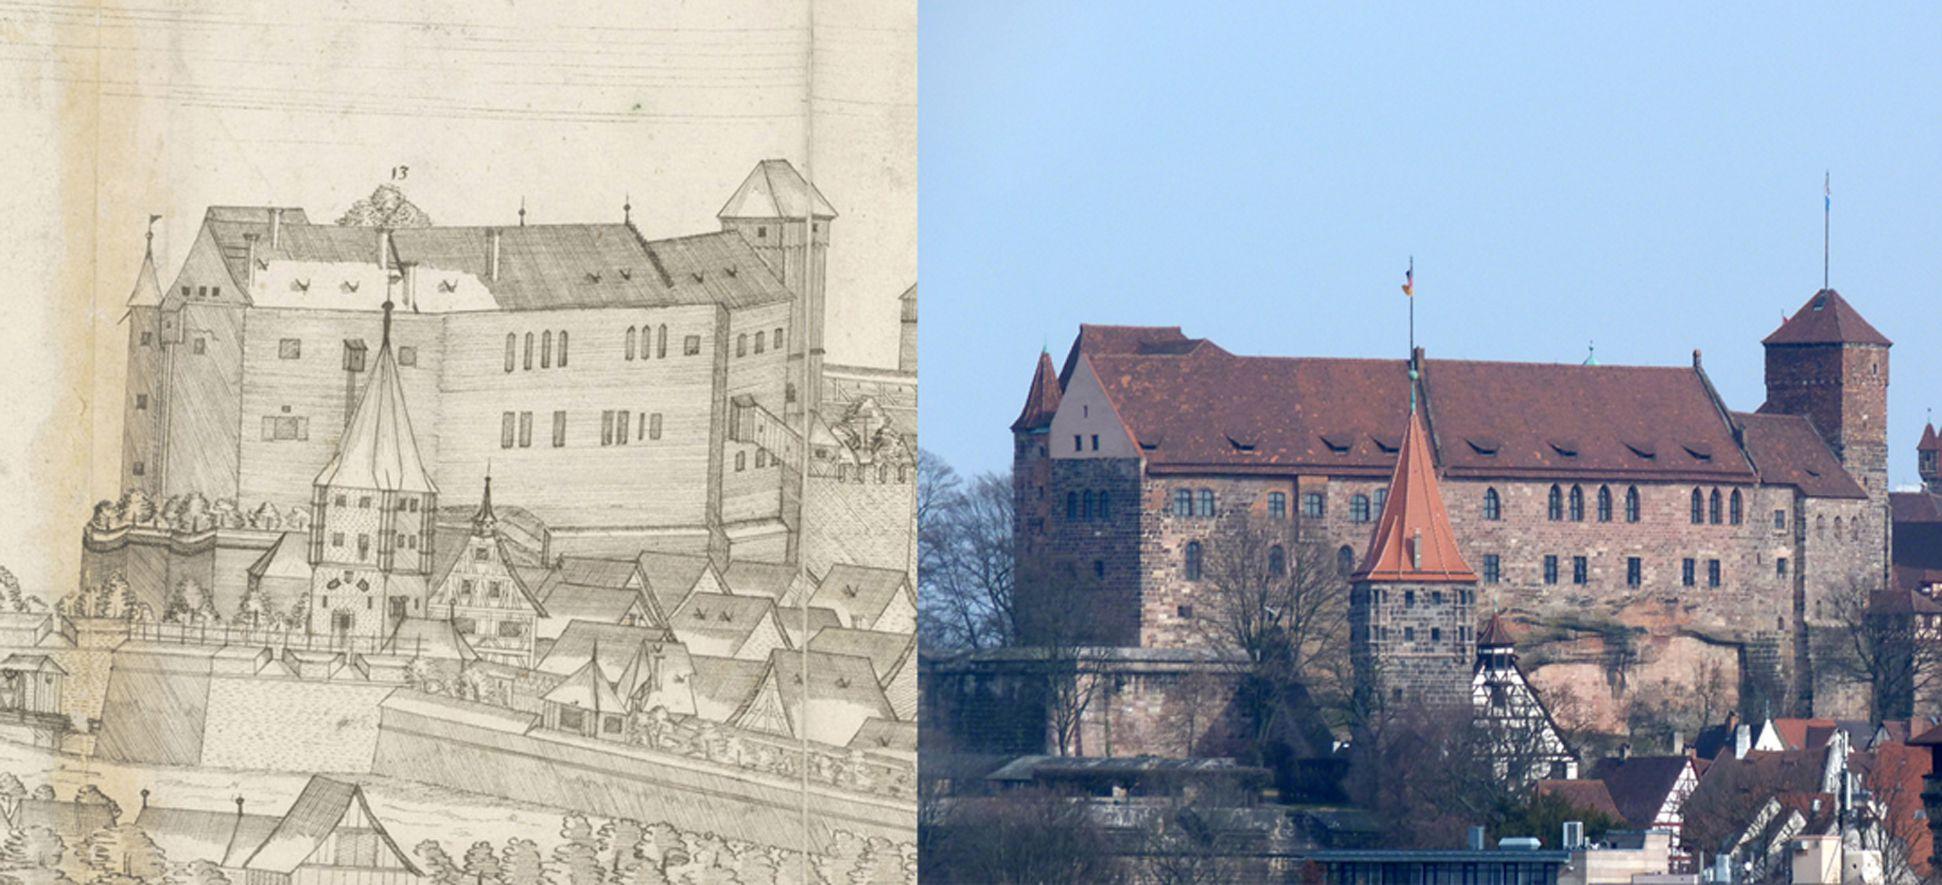 Panoramadarstellung der Stadt Nürnberg von Westen Gegenüberstellung Zeichnungsdetail Neutorgraben, Tiergärtnertorturm, Burgpalas, -kapelle mit Heidenturm und dem heutigem Zustand